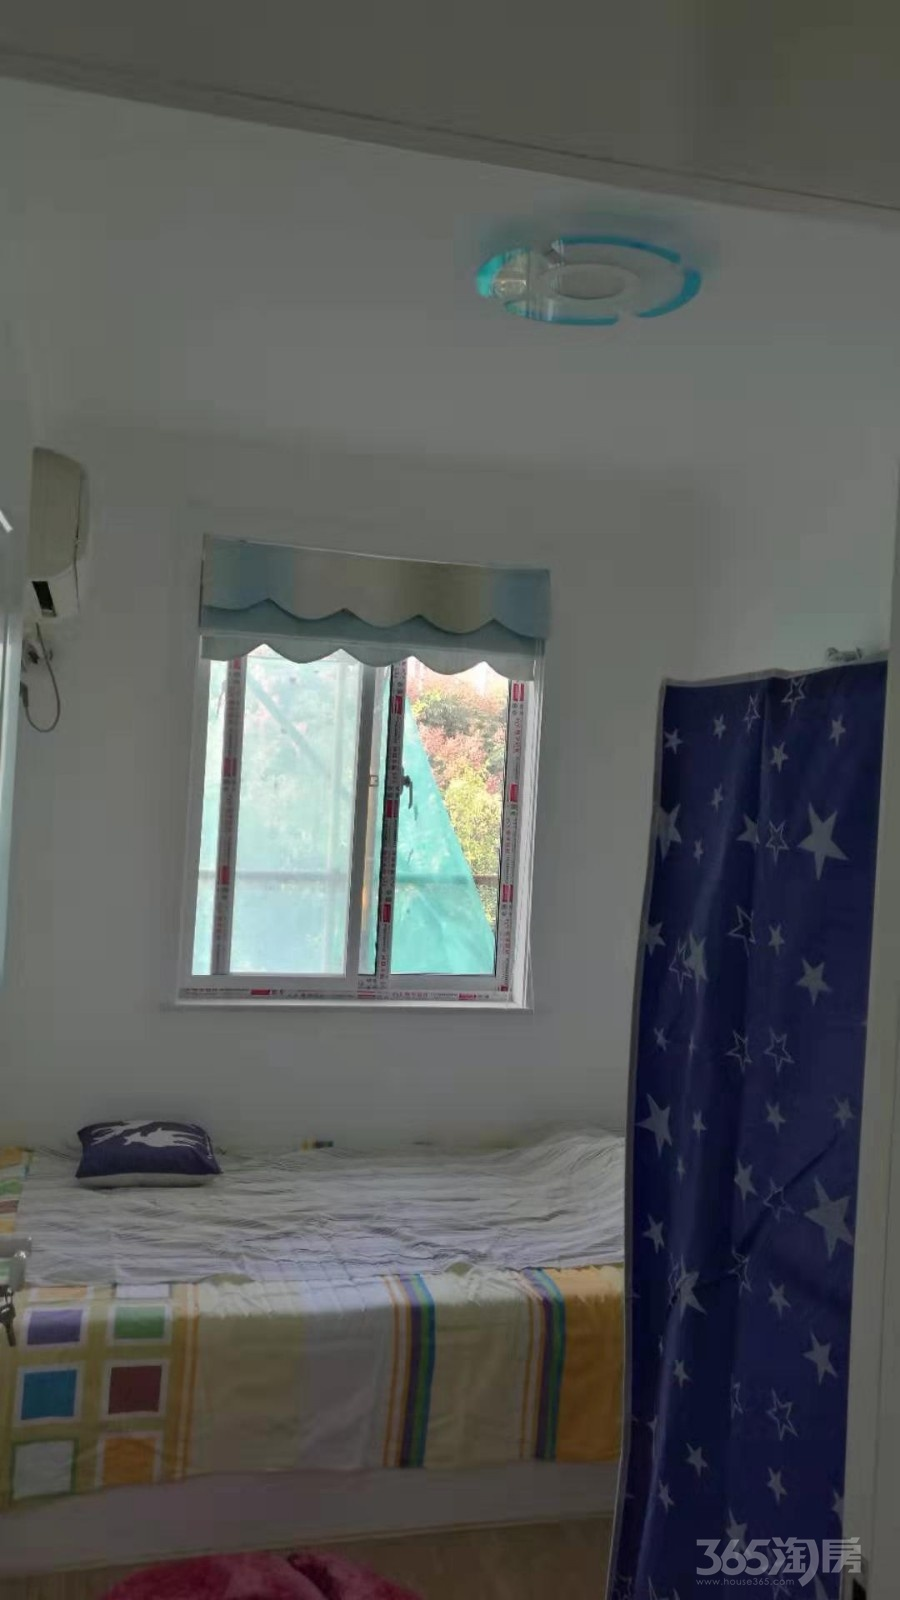 鼓楼区龙江宁工新寓一村2室1厅户型图